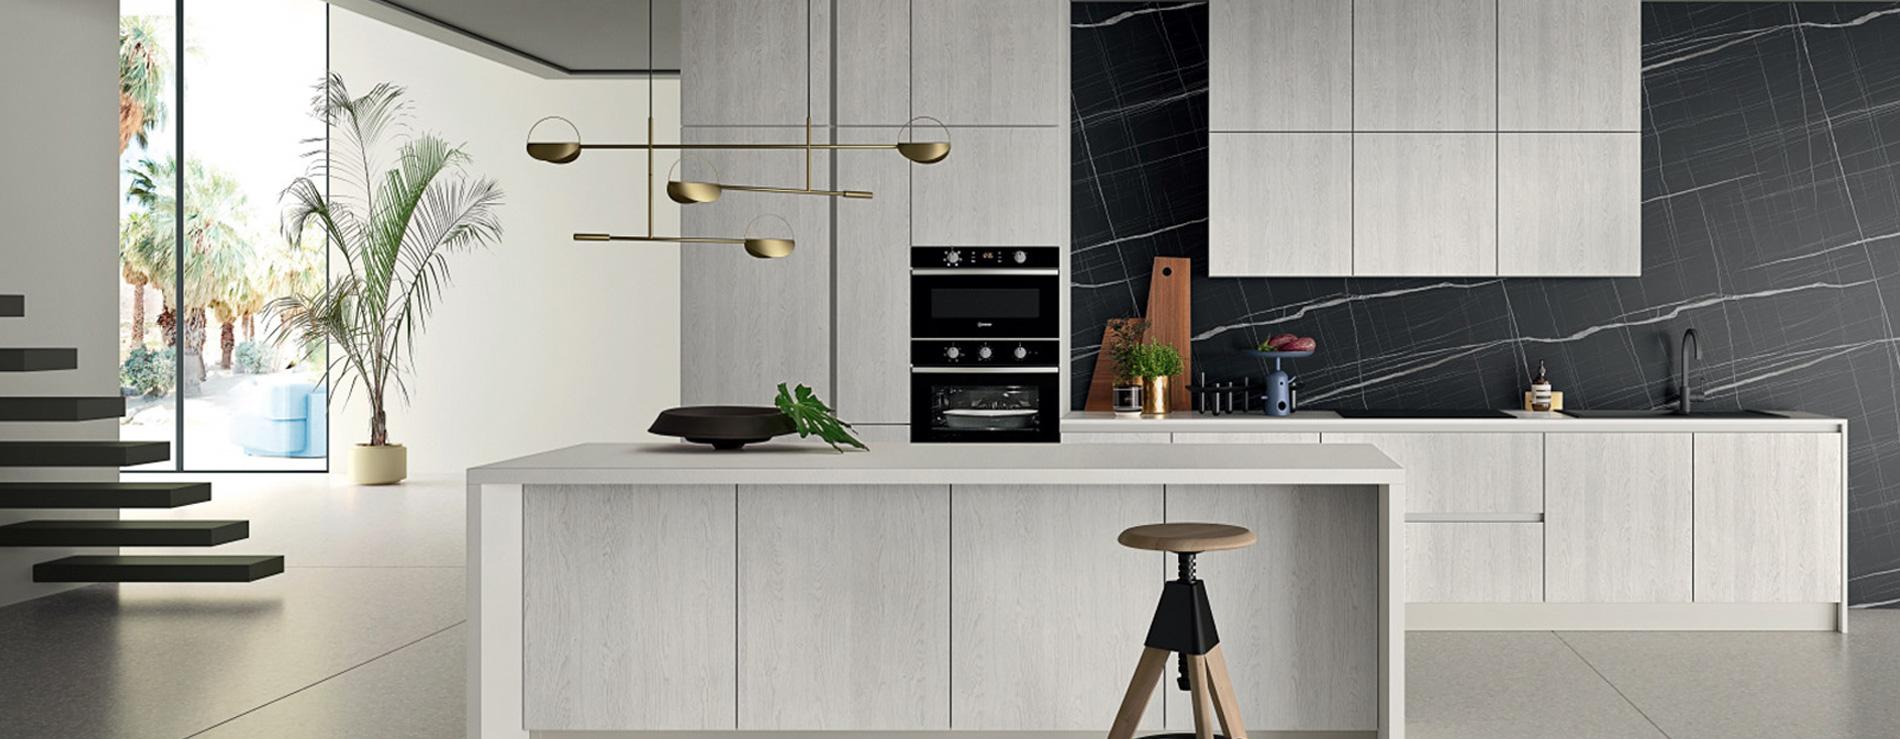 Cucina effetto legno | AR-DUE